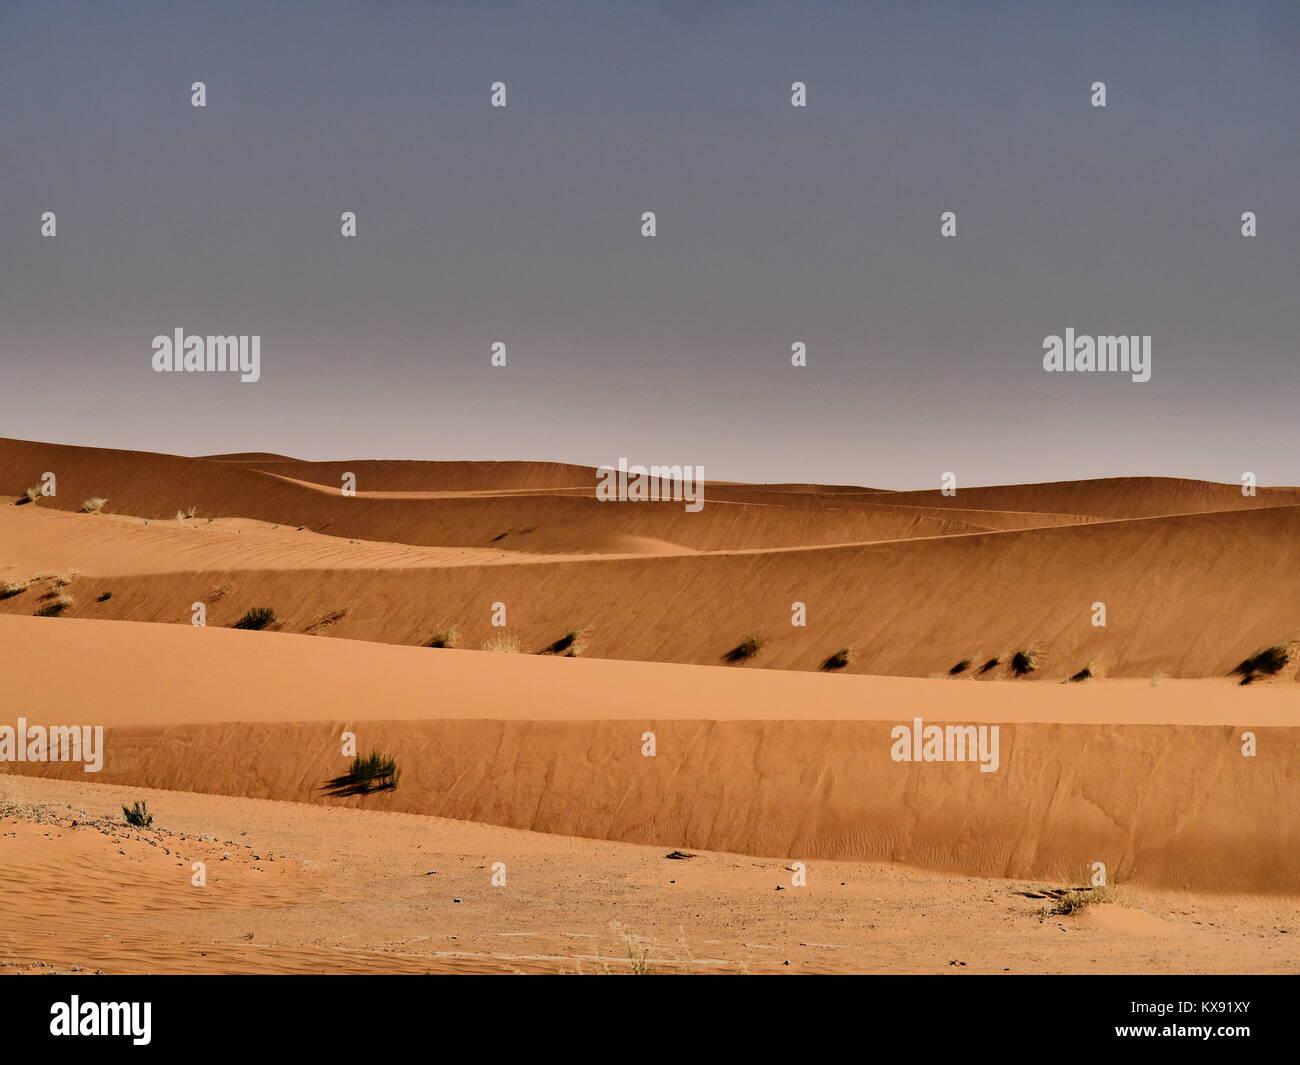 Viajar al desierto de Arabia Saudita Imagen De Stock